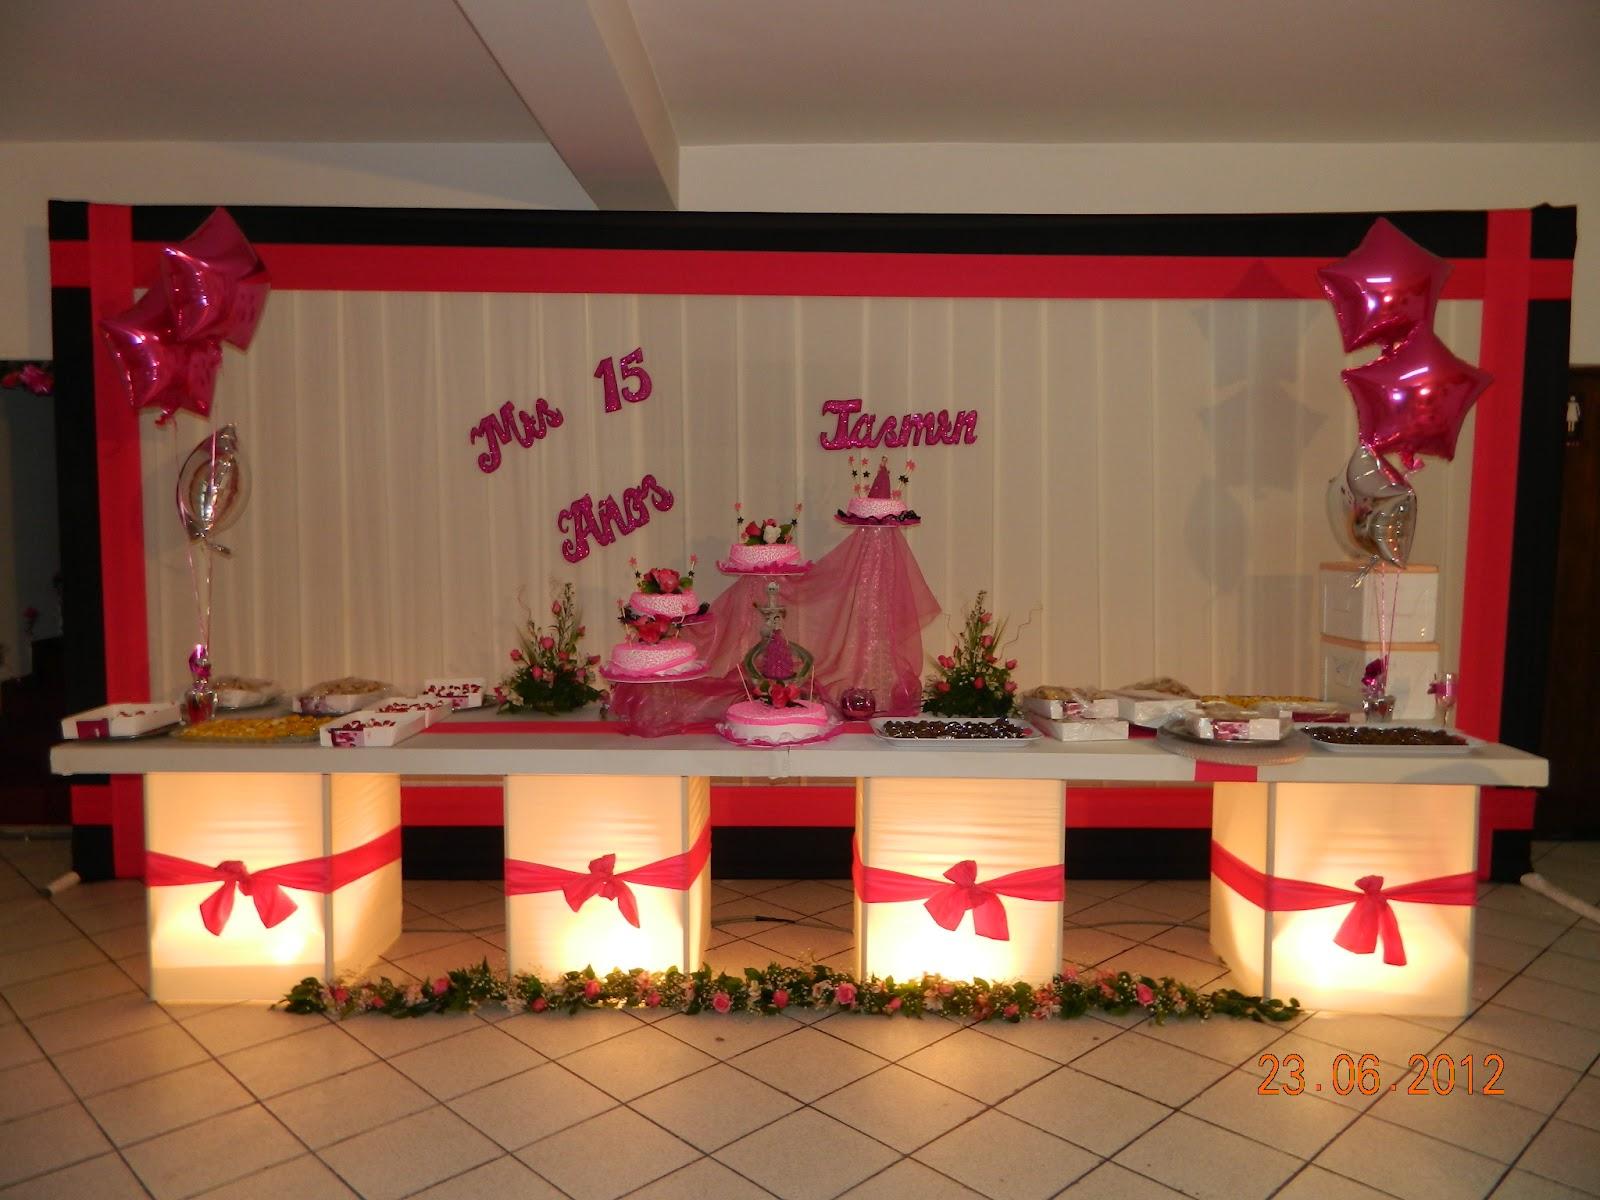 Decoracion reciclada para fiestas for Decoracion para decorar